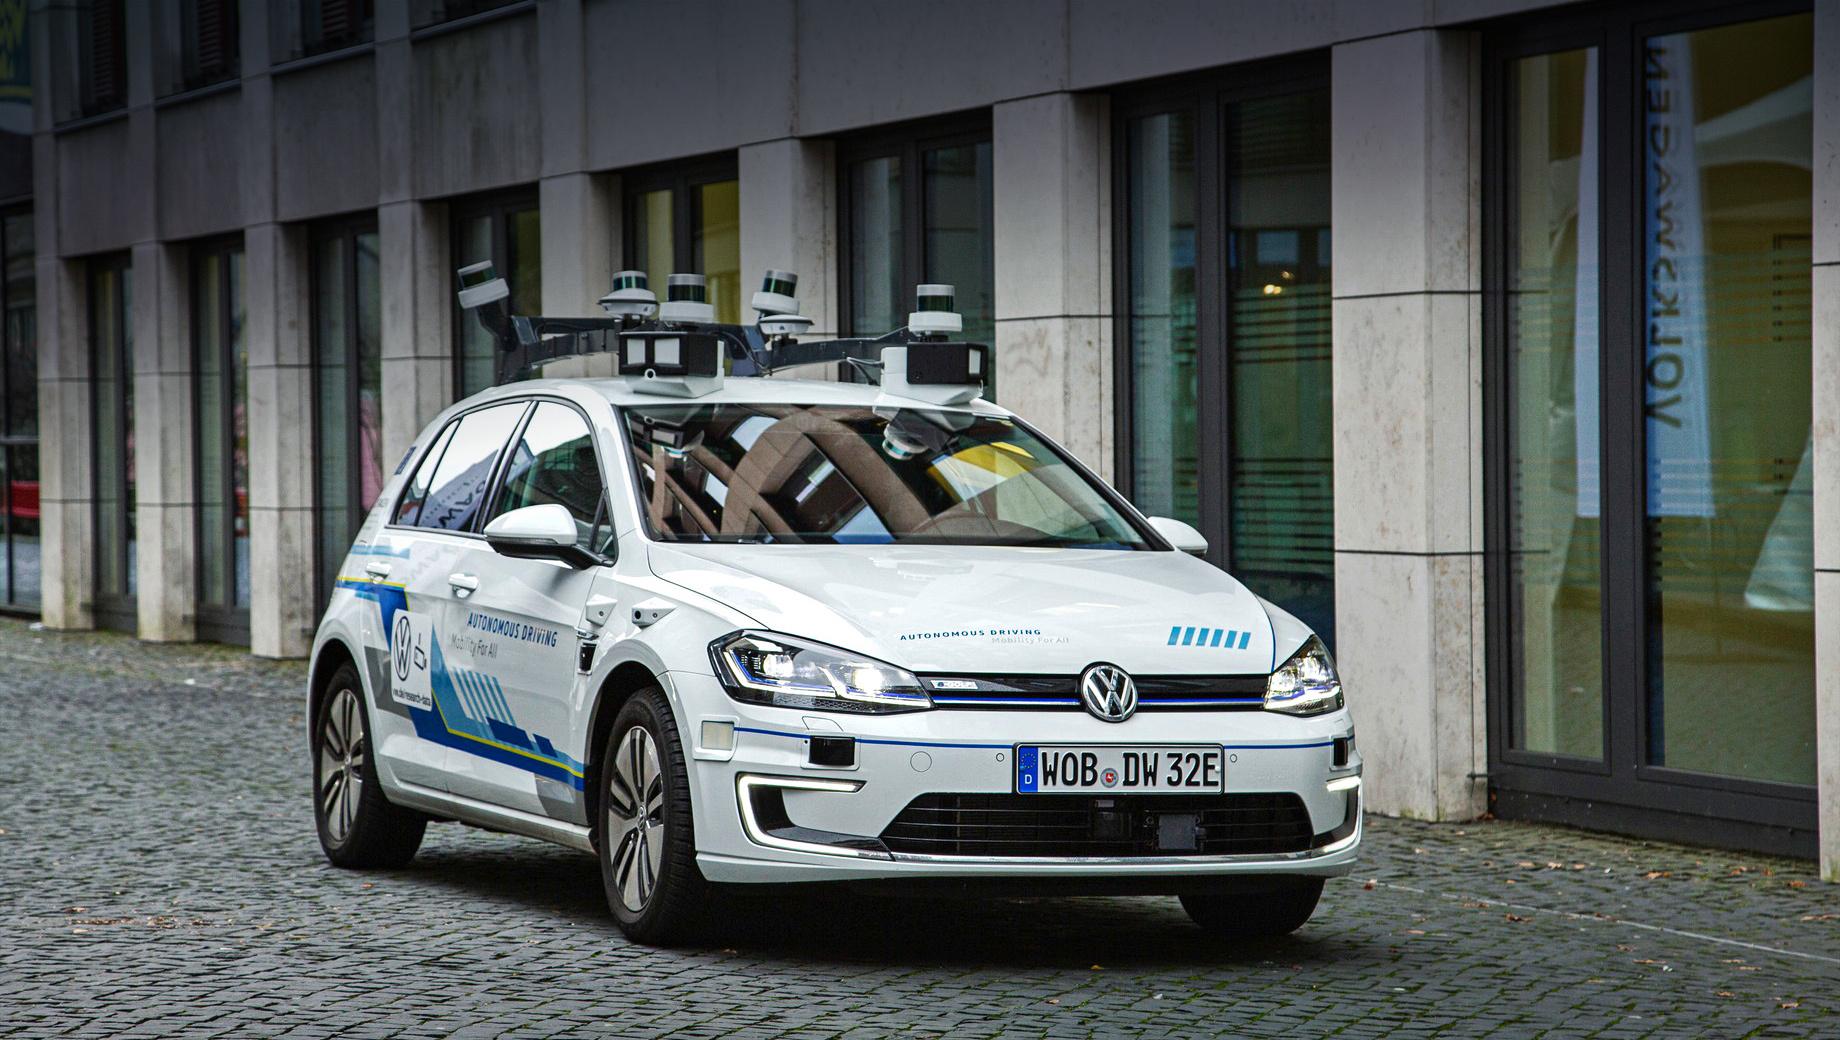 Volkswagen e-golf,Volkswagen golf. Пять беспилотных прототипов на базе электрического хэтча e-Golf с марта 2019-го тестируются на улицах Гамбурга. Оборудование включает 11 лазеров, семь радаров и 14 камер. Вычислительная мощность сопоставима с 15 ноутбуками, которые обмениваются пятью гигабайтами данных в минуту.